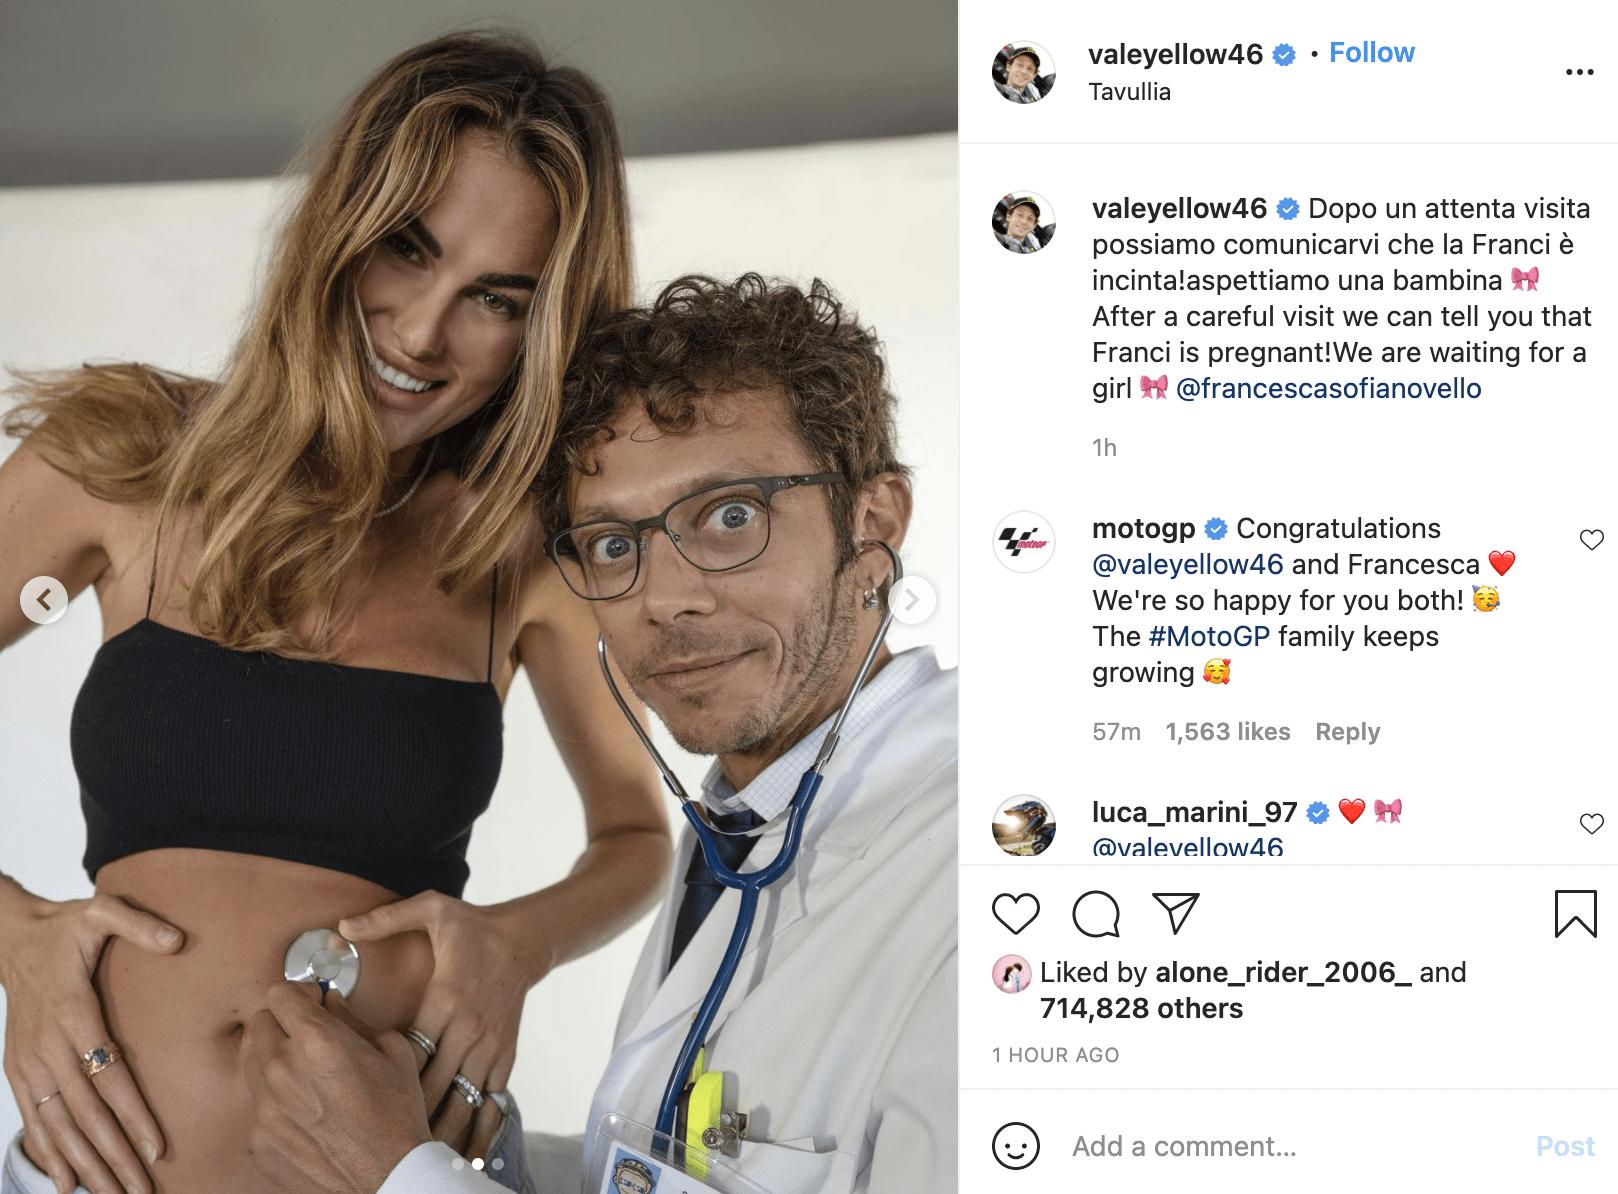 Il messaggio di Valentino Rossi con cui ha annunciato che diventerà papà (fonte: Instagram).